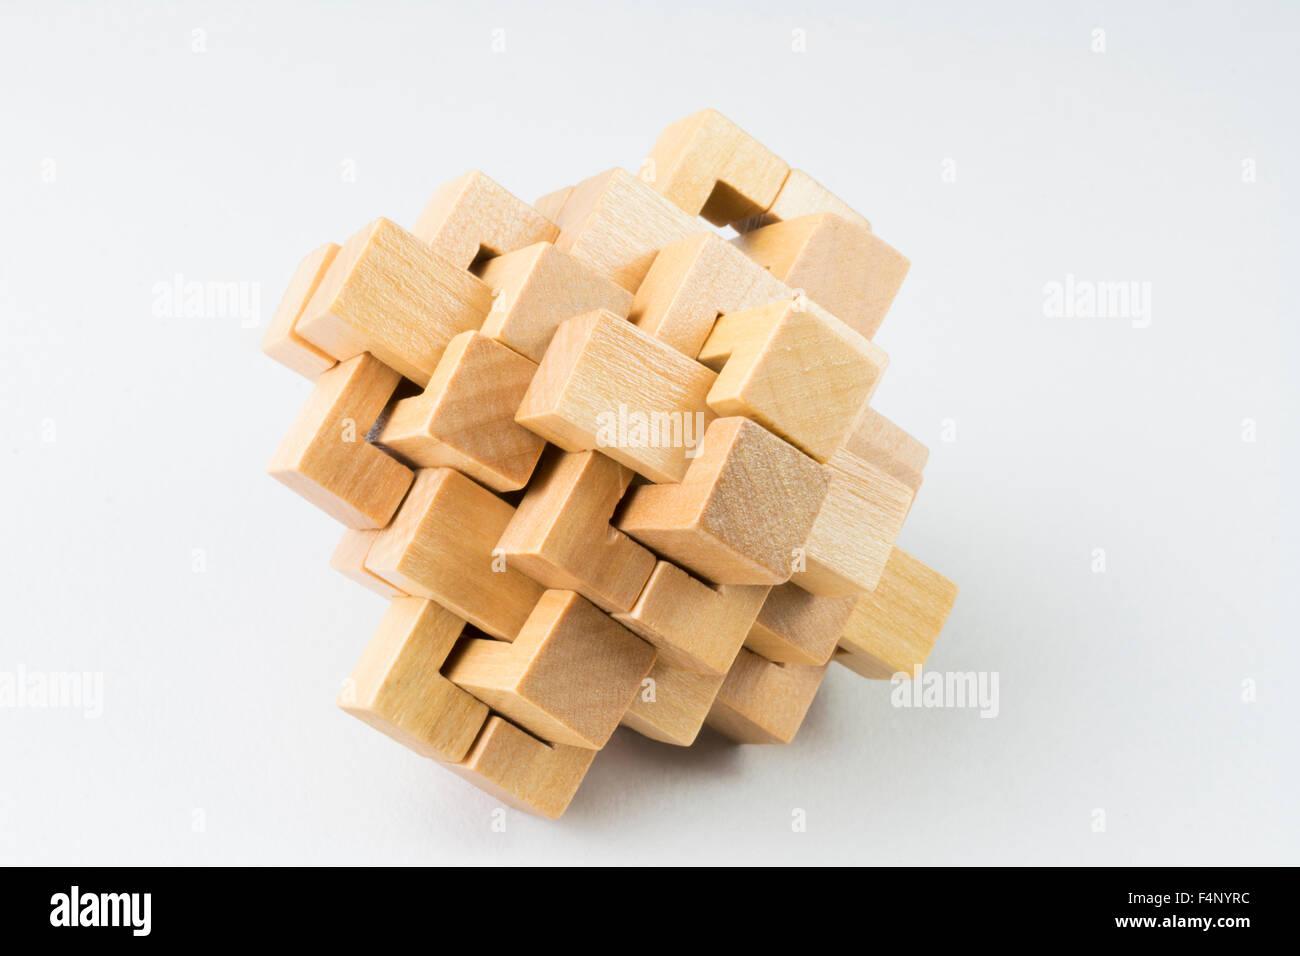 Burr Puzzle Stock Photos & Burr Puzzle Stock Images - Alamy